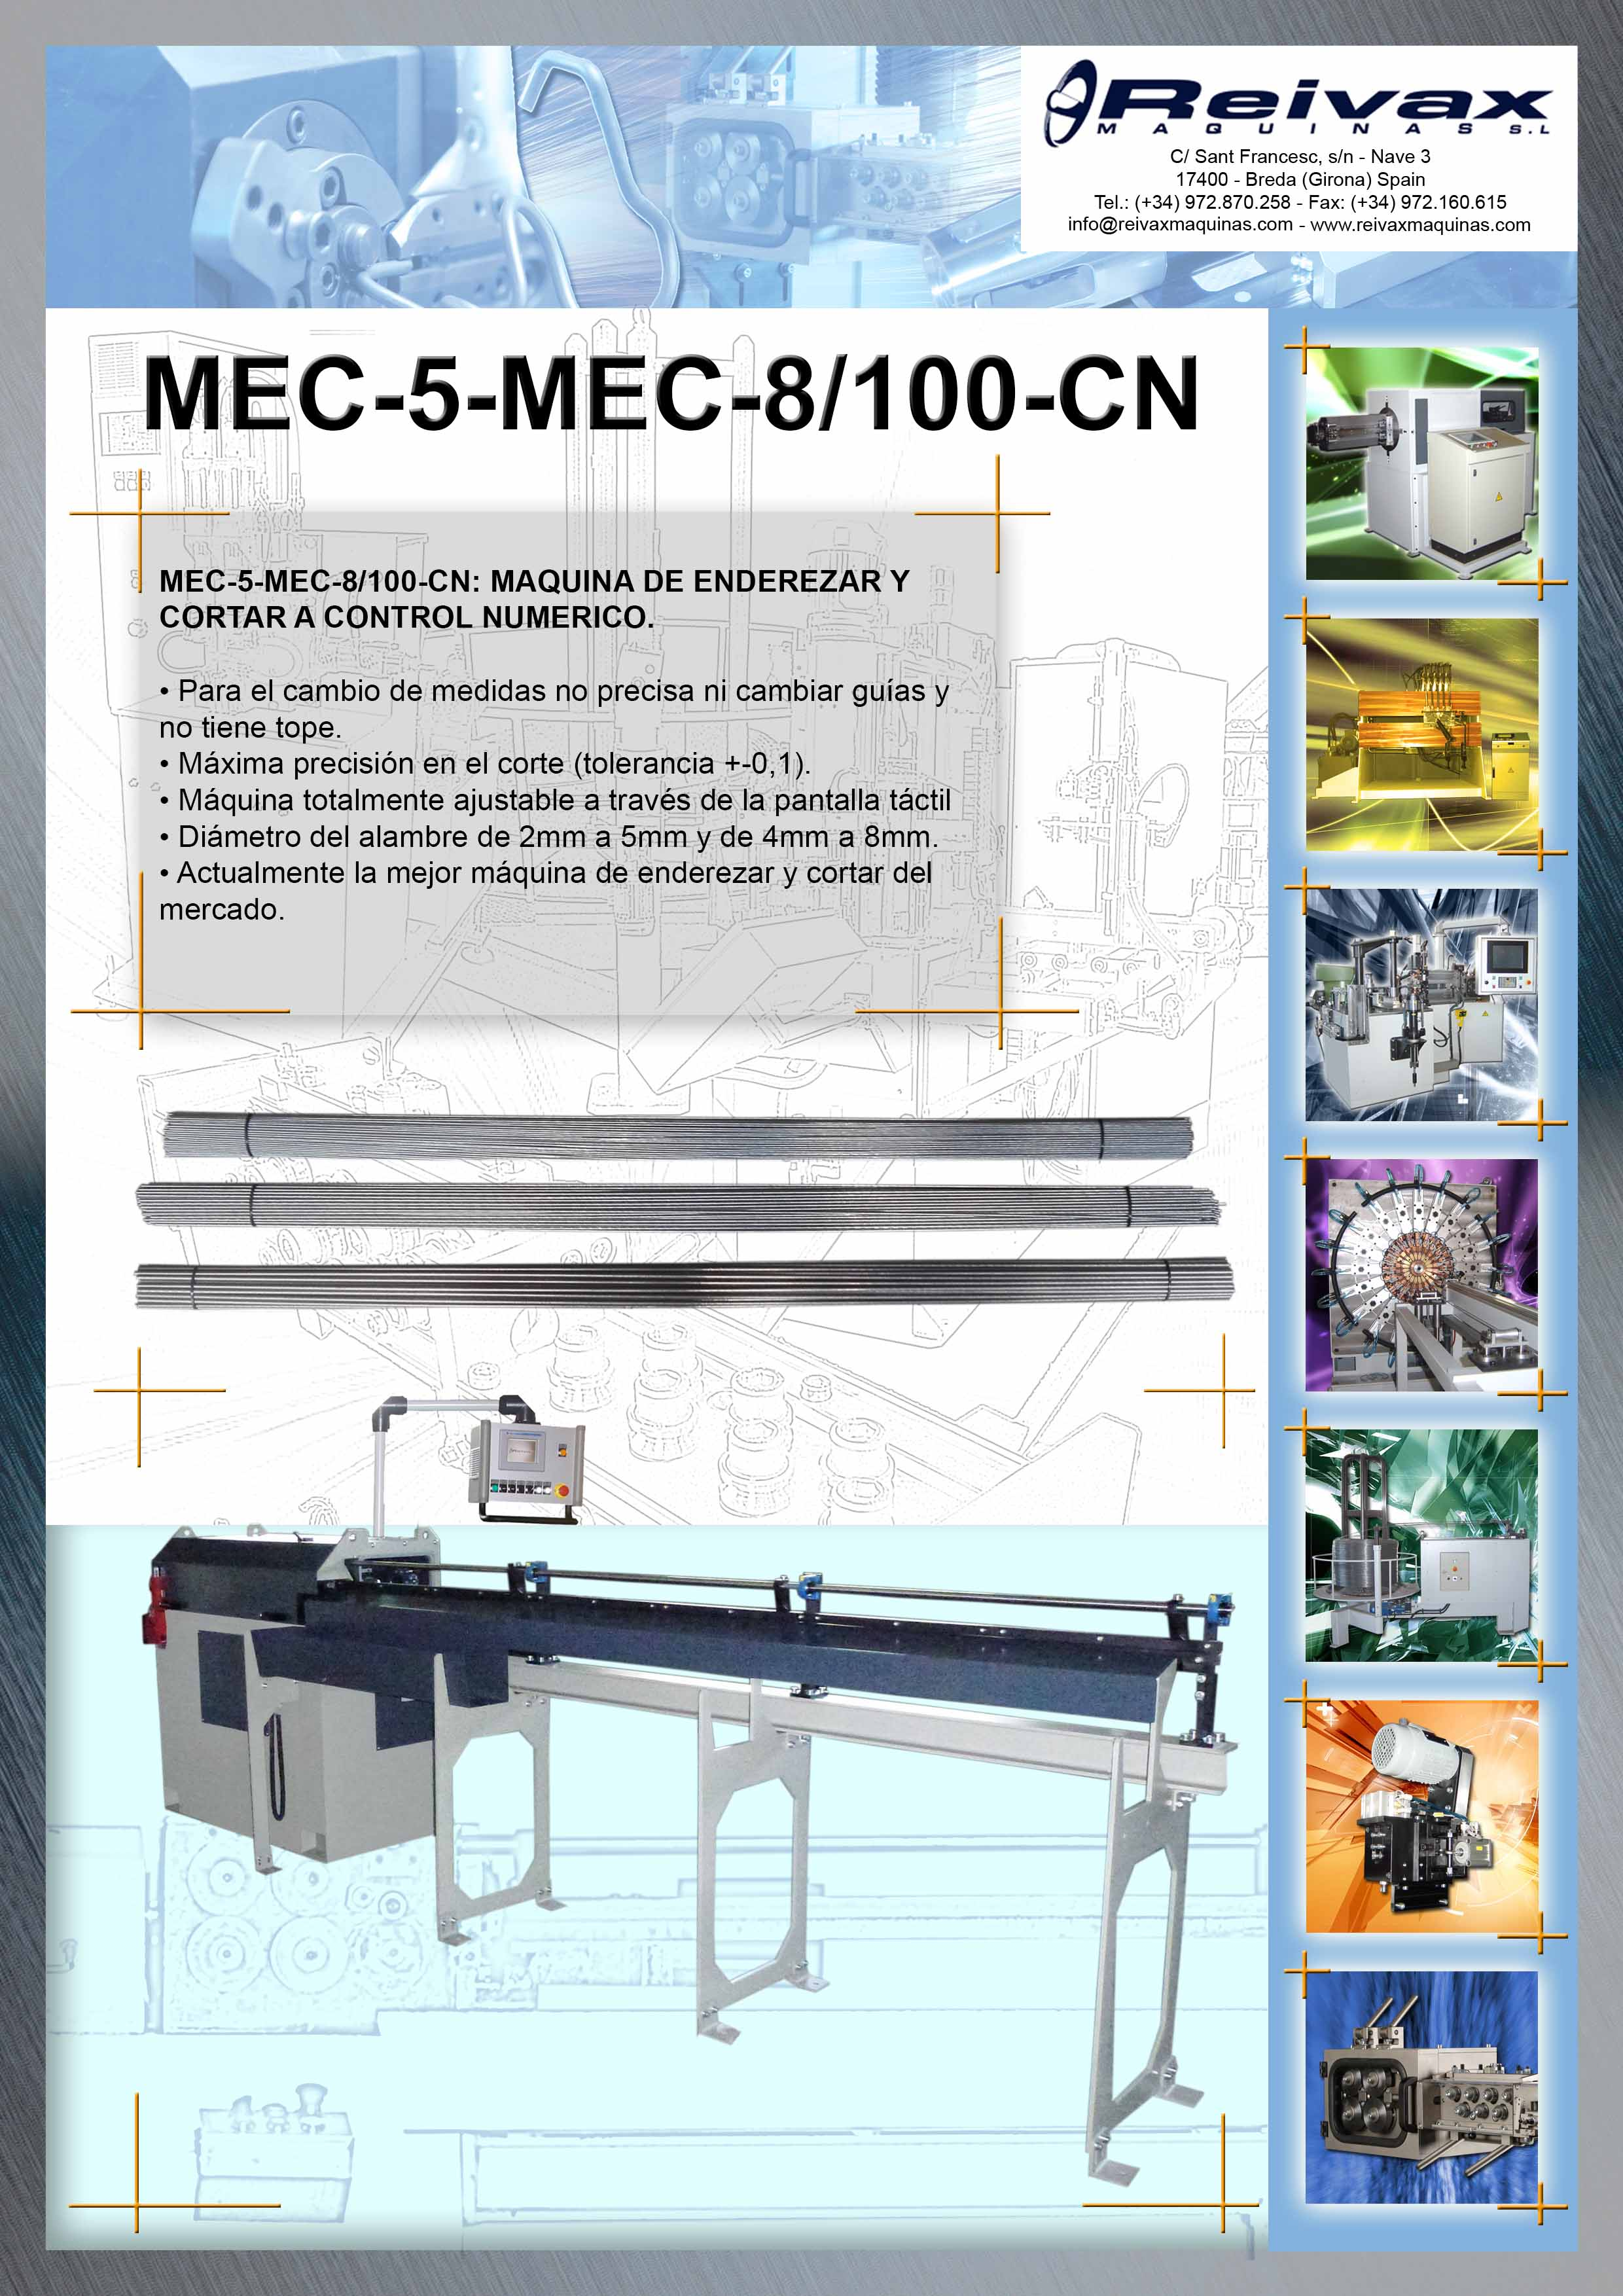 ReivaxMaquinas: Ficha Tecnica MEC-5 - MEC-8 / 100 - CN